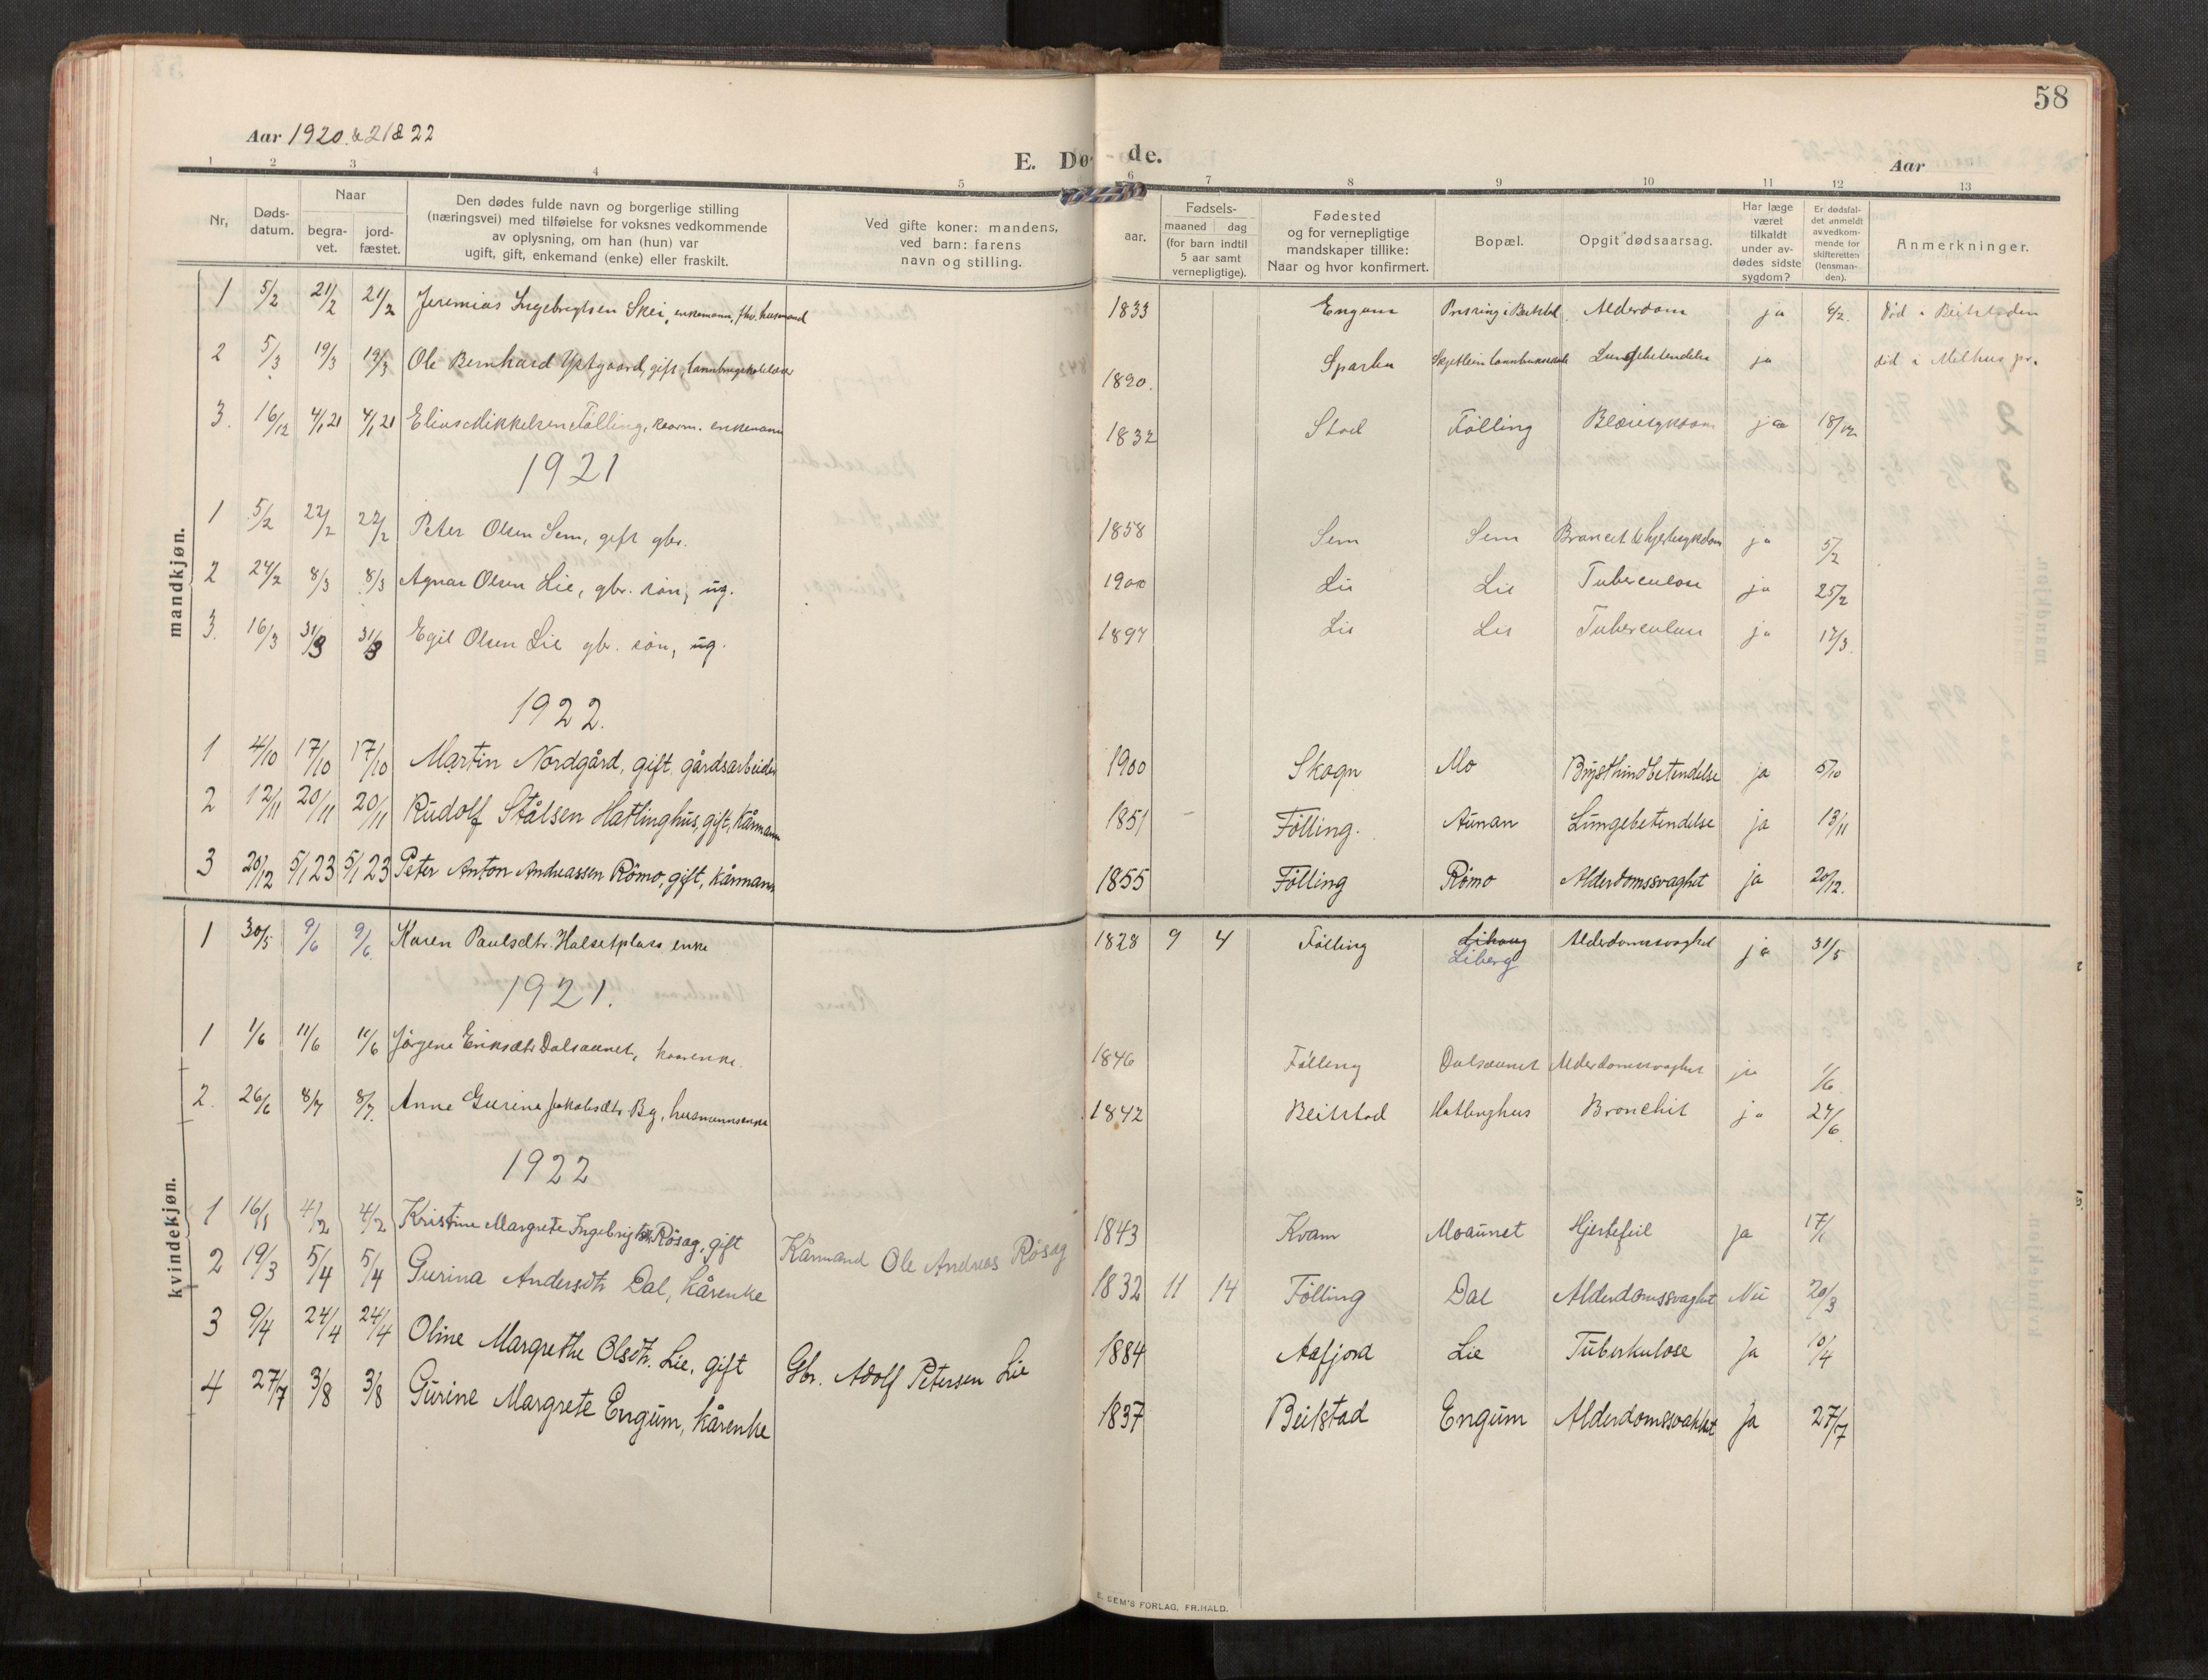 SAT, Stod sokneprestkontor, I/I1/I1a/L0003: Parish register (official) no. 3, 1909-1934, p. 58